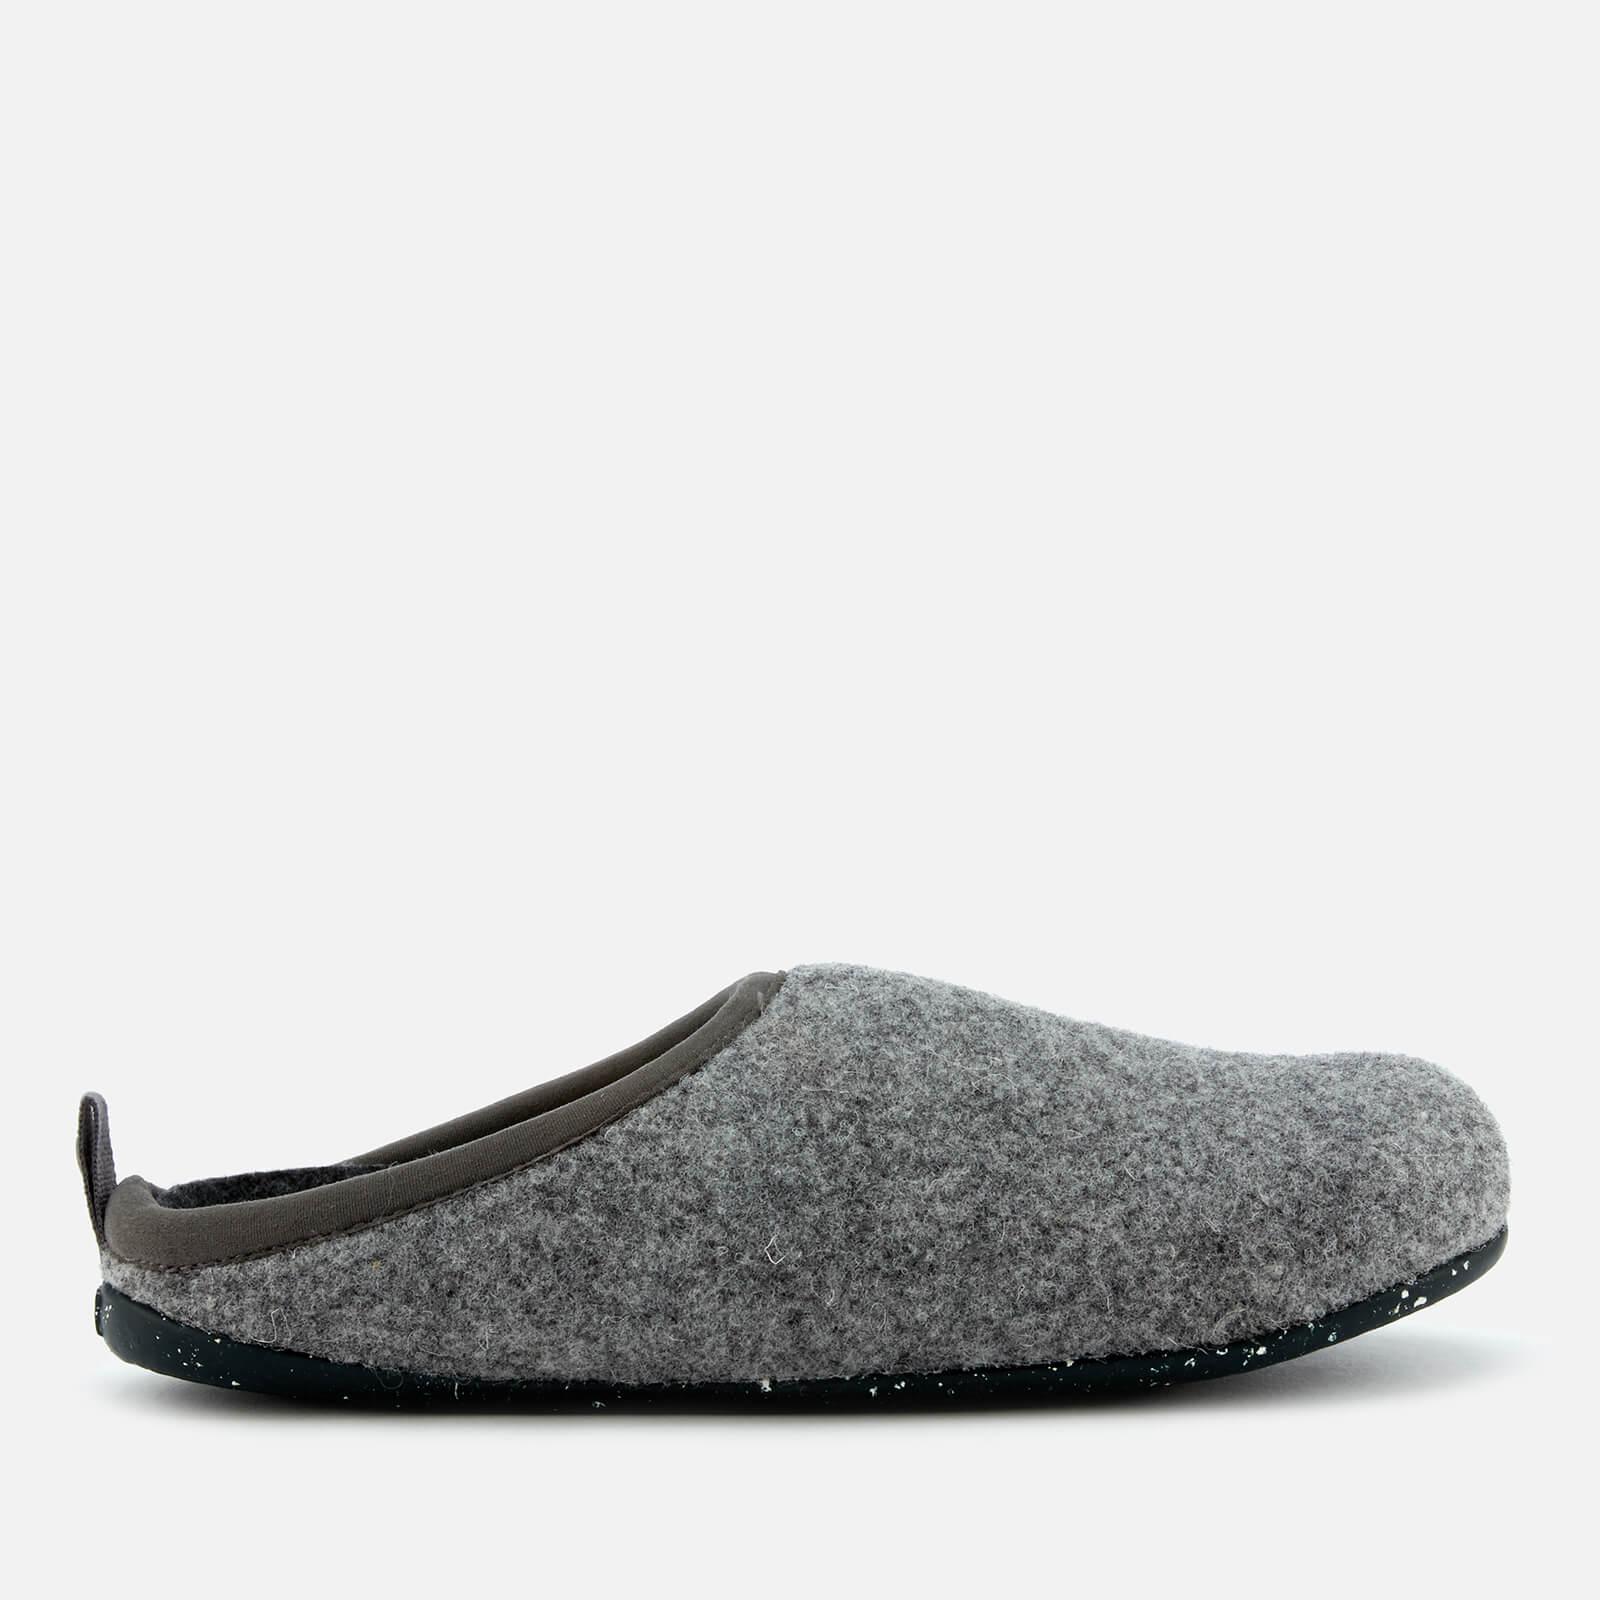 Camper Women's Wabi Mule Slippers - Light Pastel Grey - UK 8 - Grey